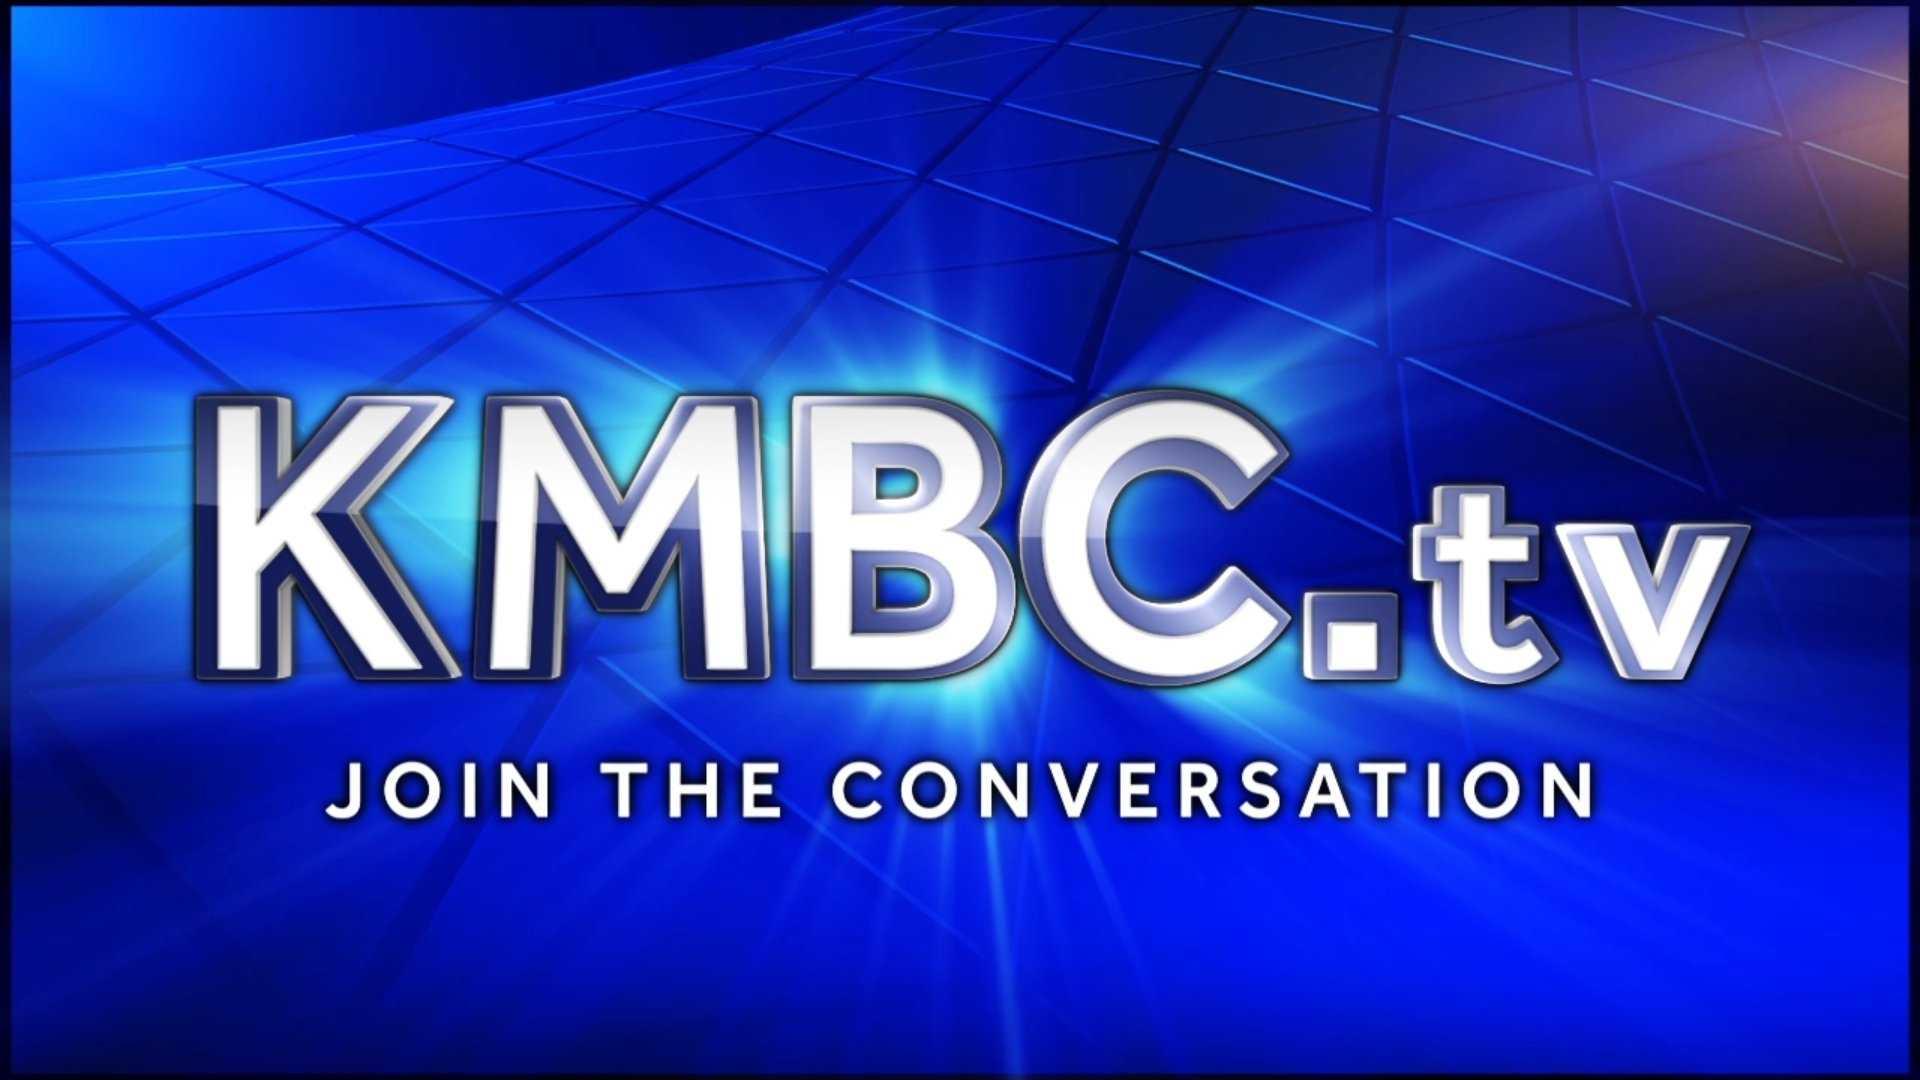 KMBC.TV